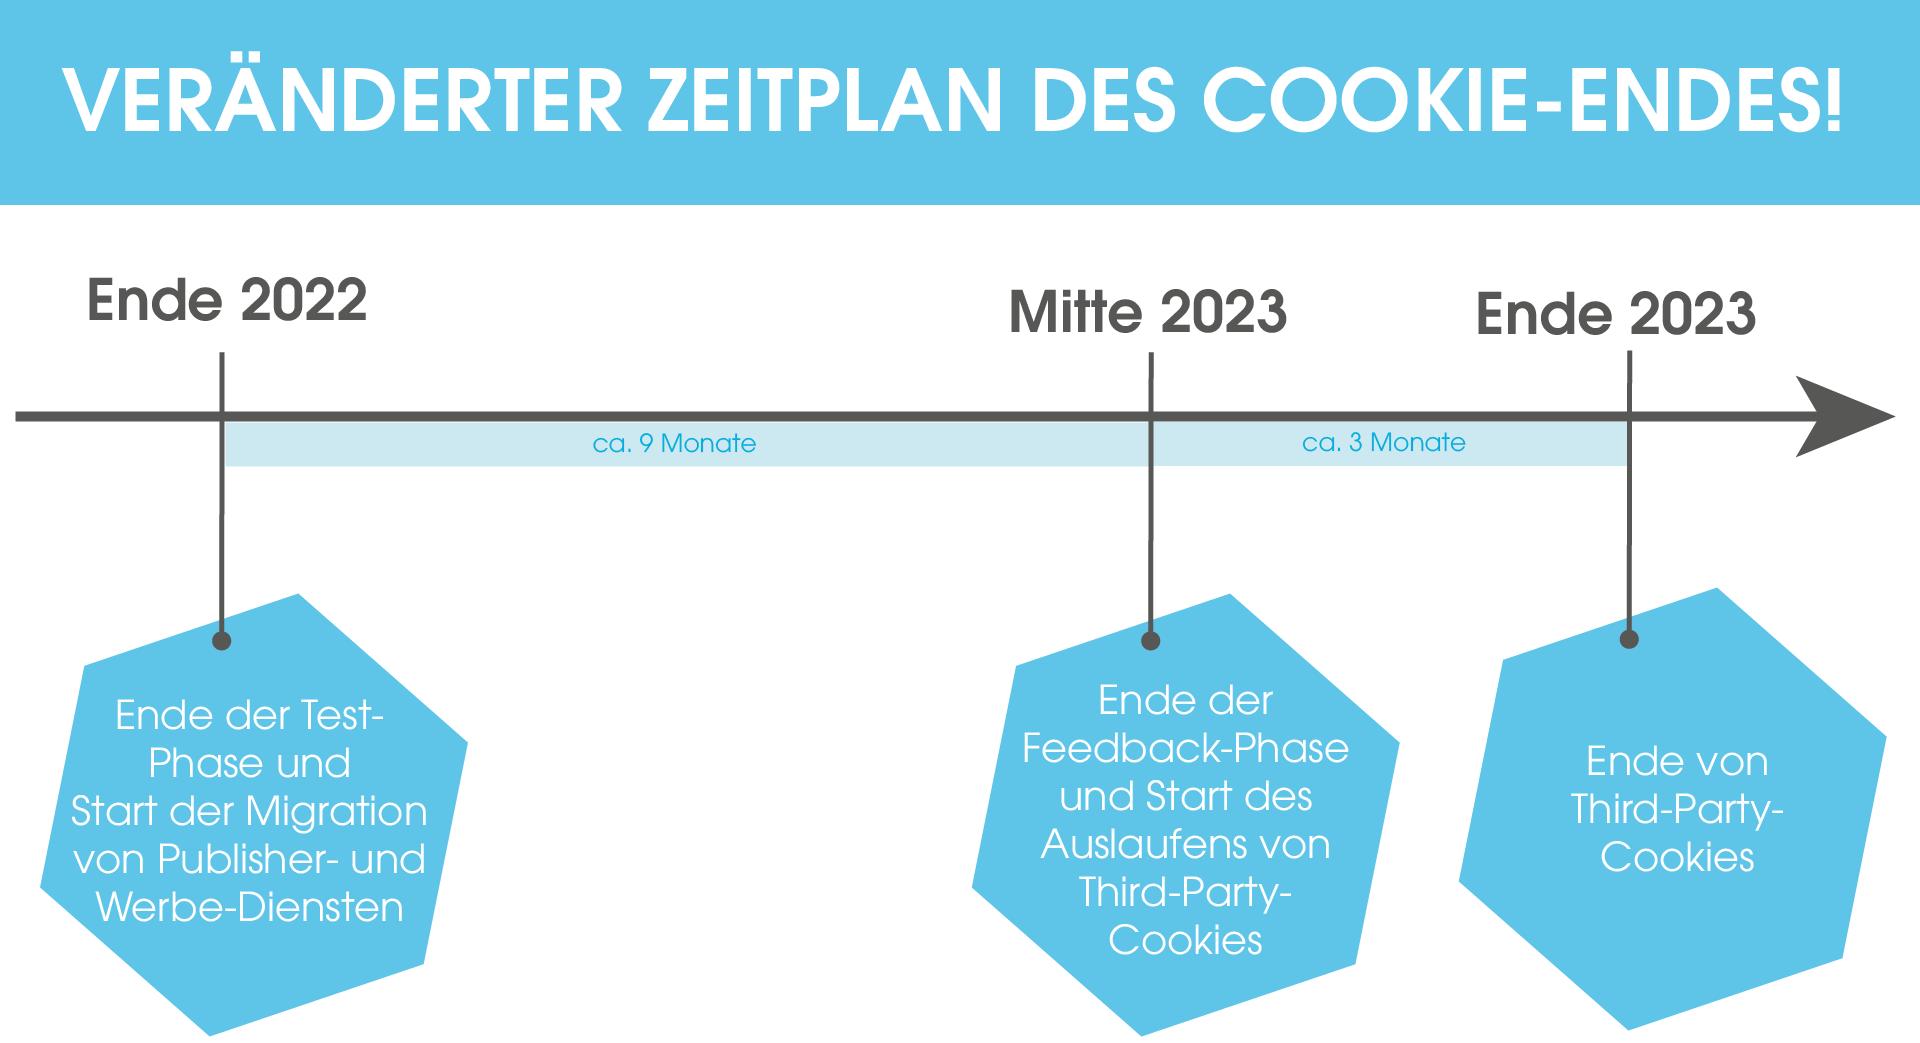 Das Bild zeigt den neuen Zeitplan bis zum Ende des Cookieless-Trackings. Hierbei sind drei Phasen zu sehen: 1. Phase bis Ende 2022, zu der das Ende der Test-Phase und der Start der Migration von Publisher- und Werbe-Diensten zählt. 2. Phase bis Mitte 2023. Hier ist das Ende der Feedback-Phase und der Start des Auslaufens der Third-Party-Cookies 3. Phase bis Ende 2023, zu der die Third-Party-Cookies komplett als Tracking-Möglichkeit beendet werden.